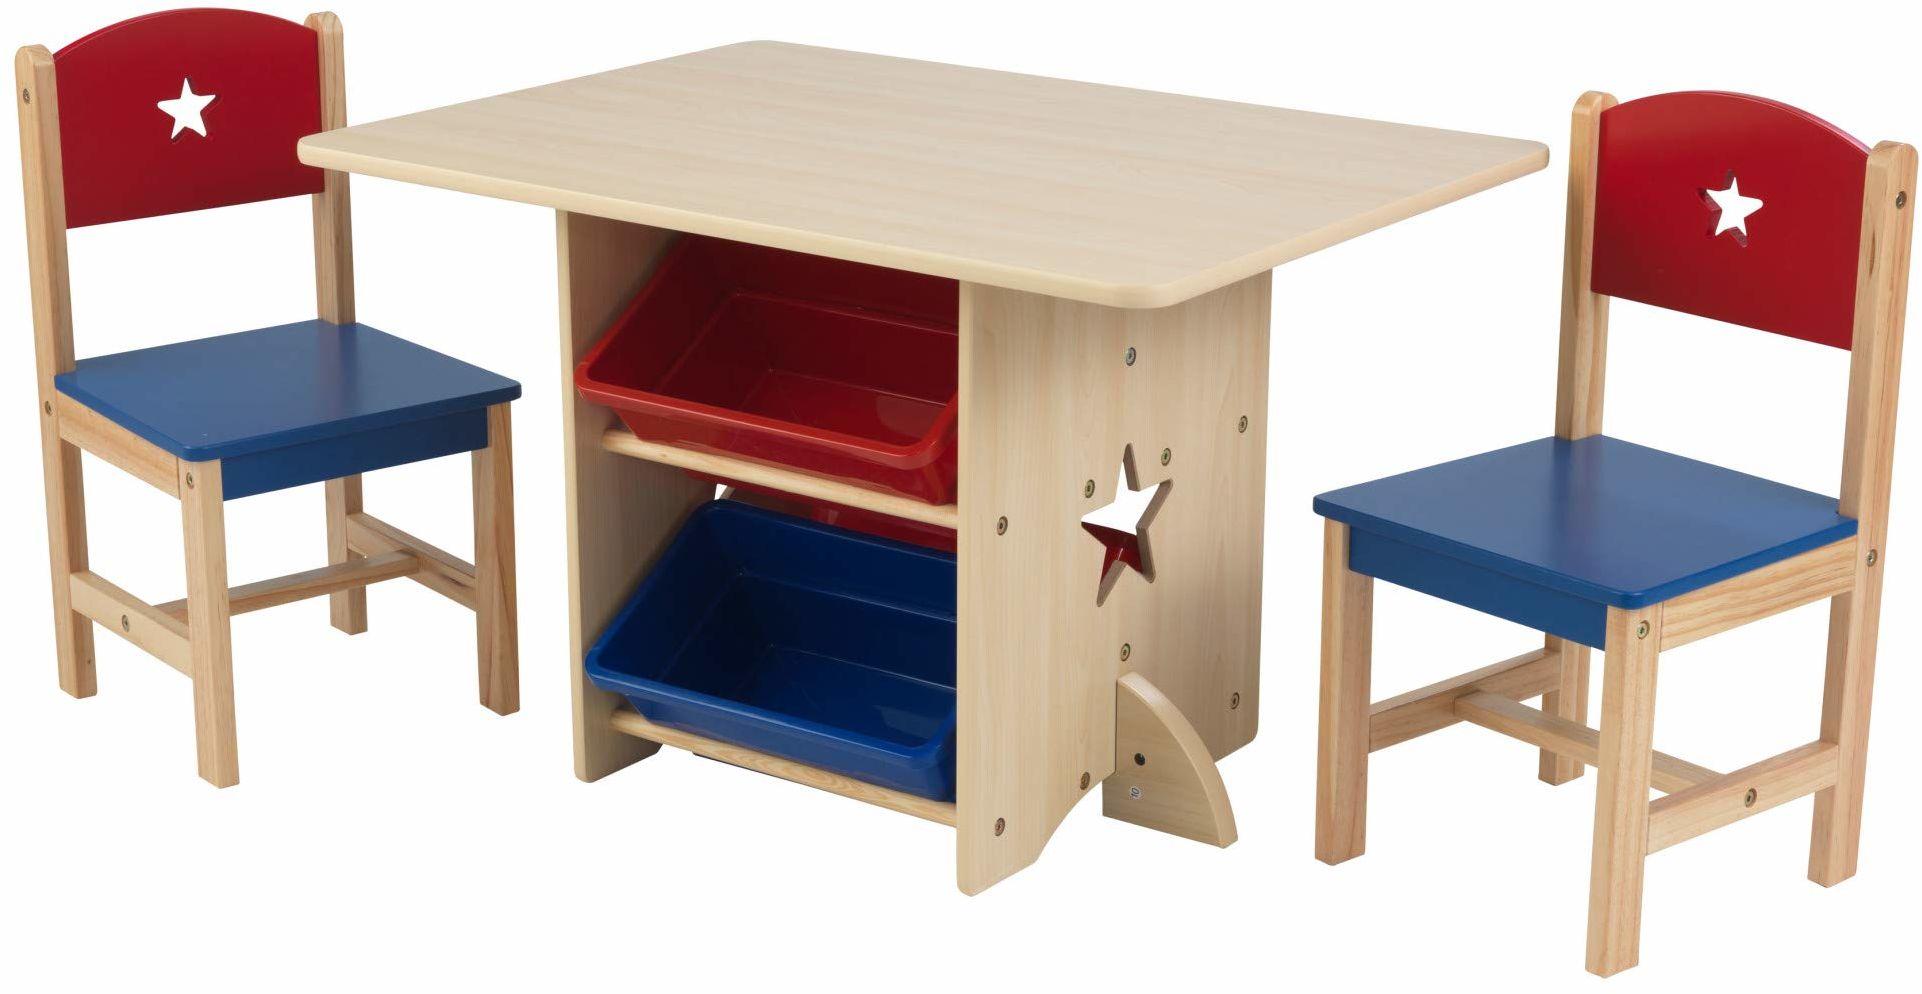 KidKraft 26912 gwiazda drewniany stół i 2 krzesła zestaw z koszami do przechowywania, meble do zabawy dla dzieci/sypialni dla dzieci, czerwony i niebieski